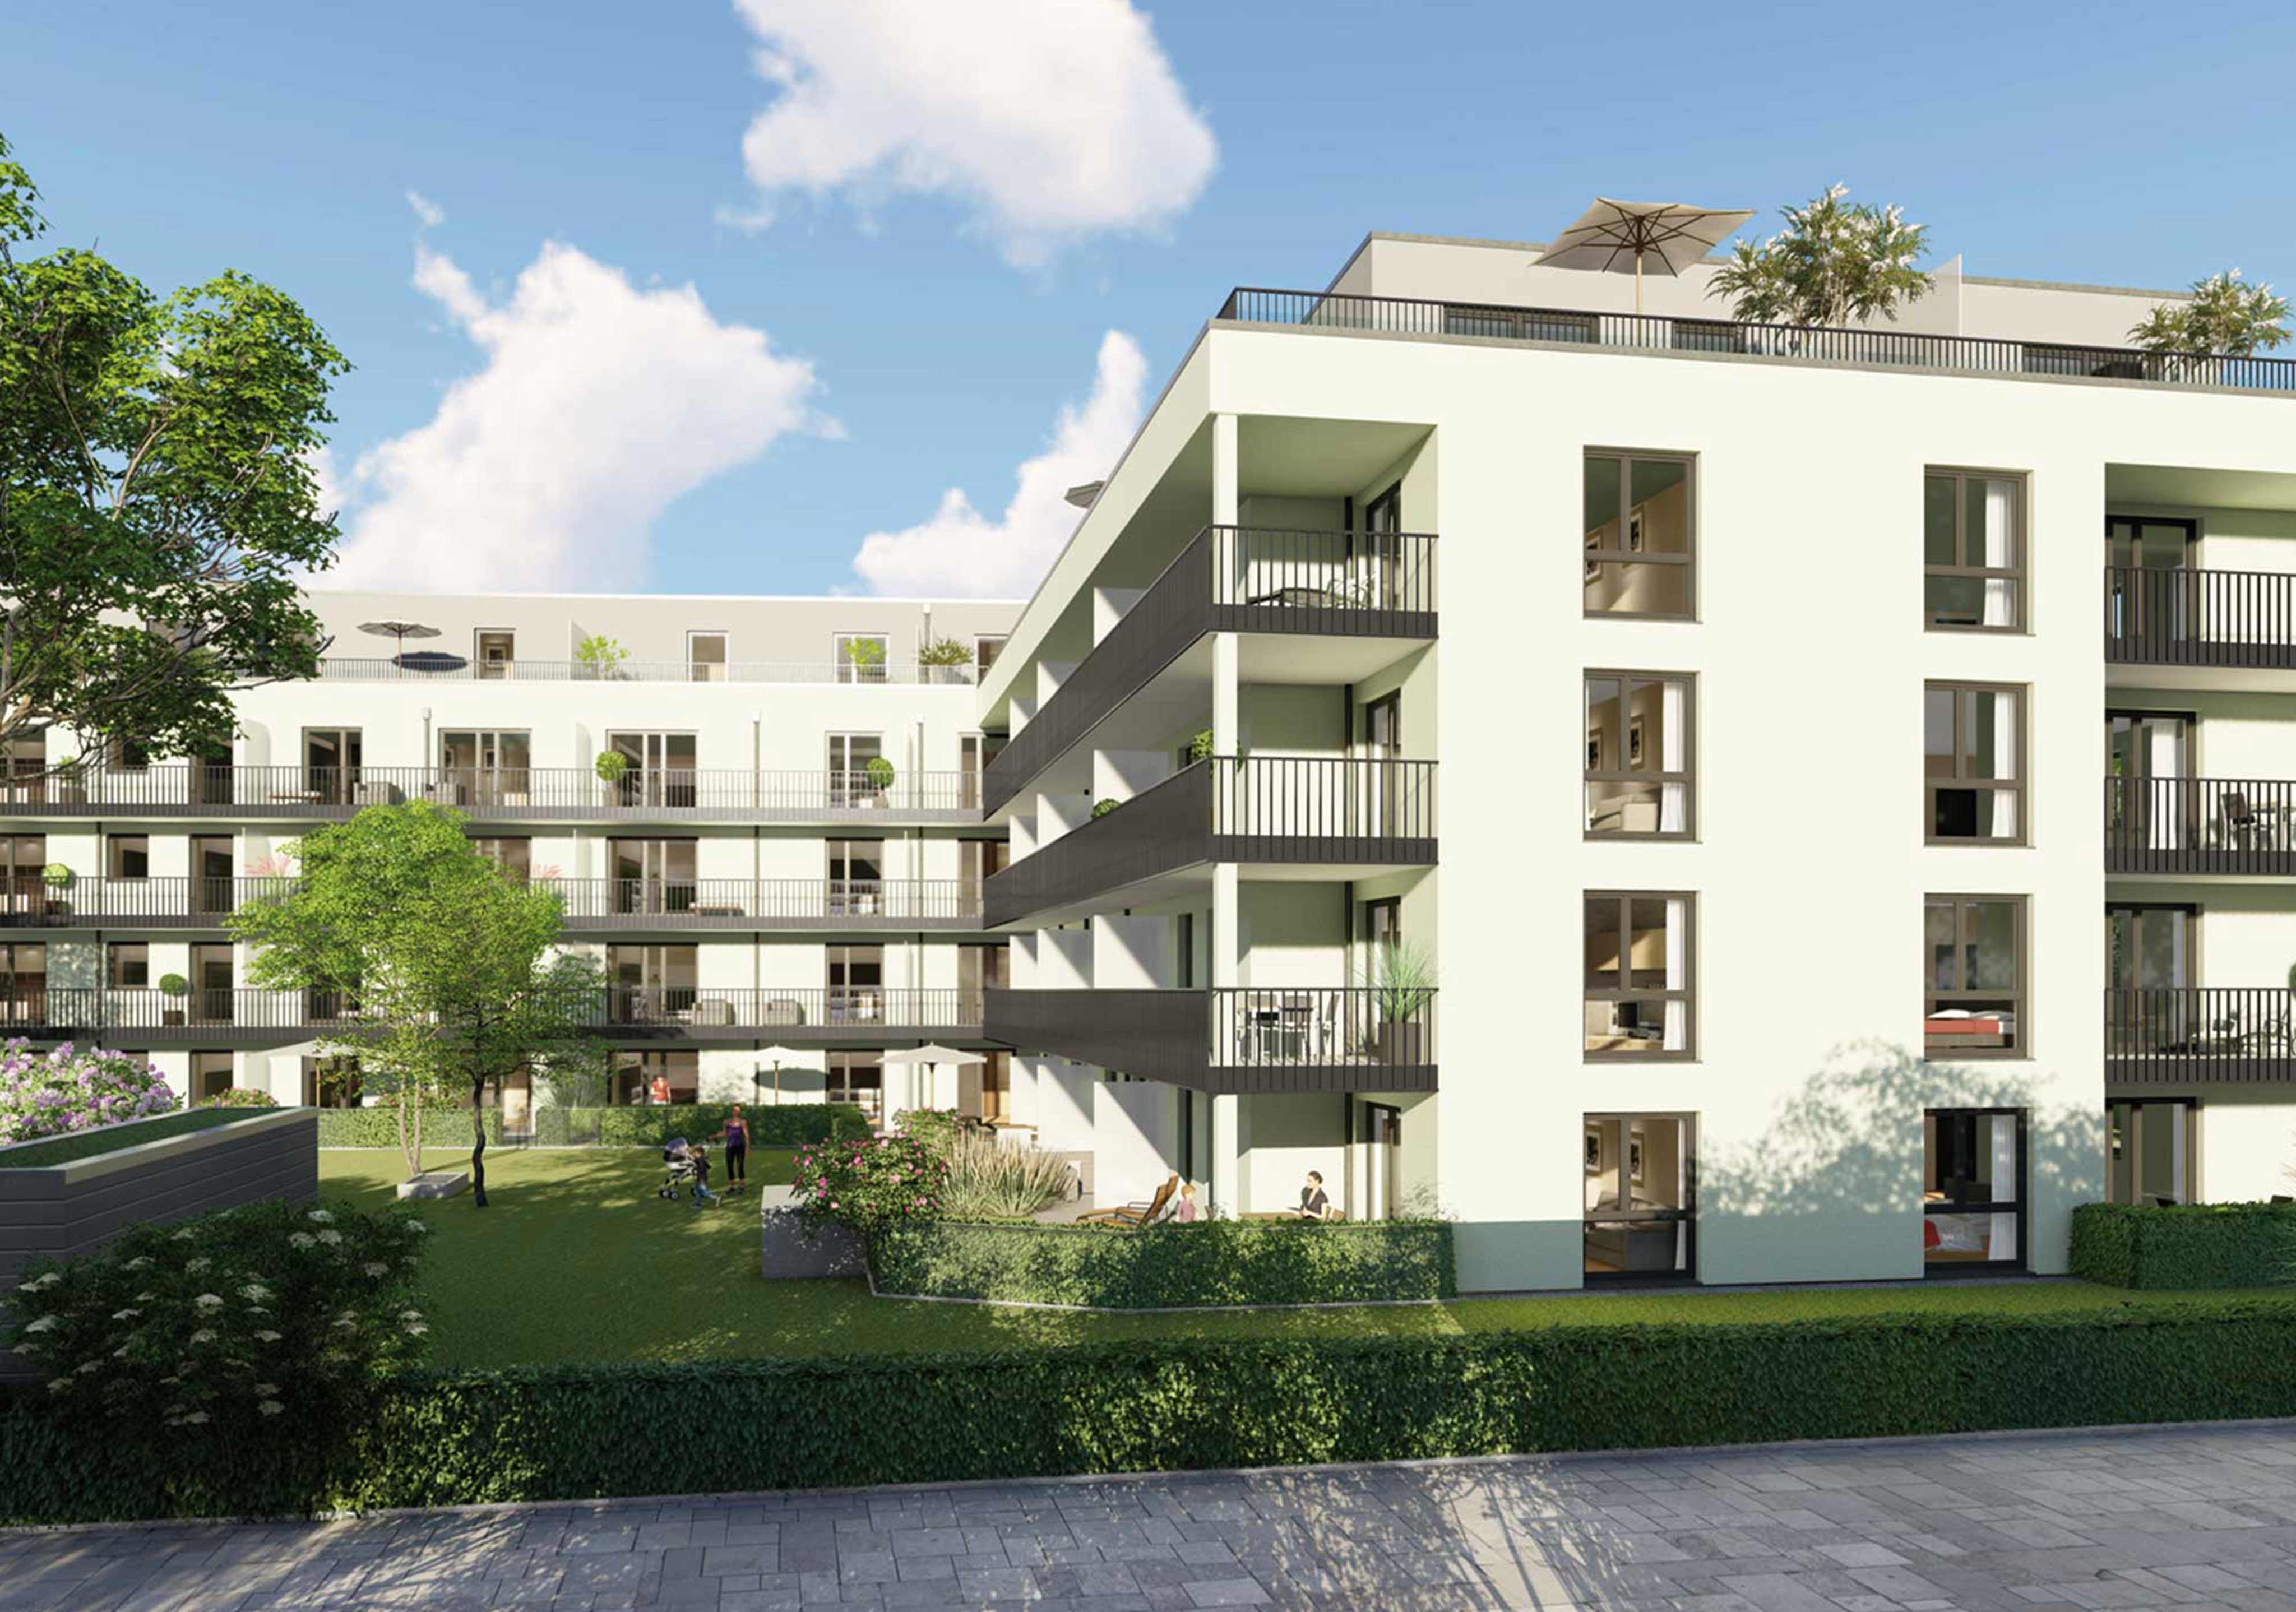 Wohnung kaufen in Neusäß | Beethoven Park 6